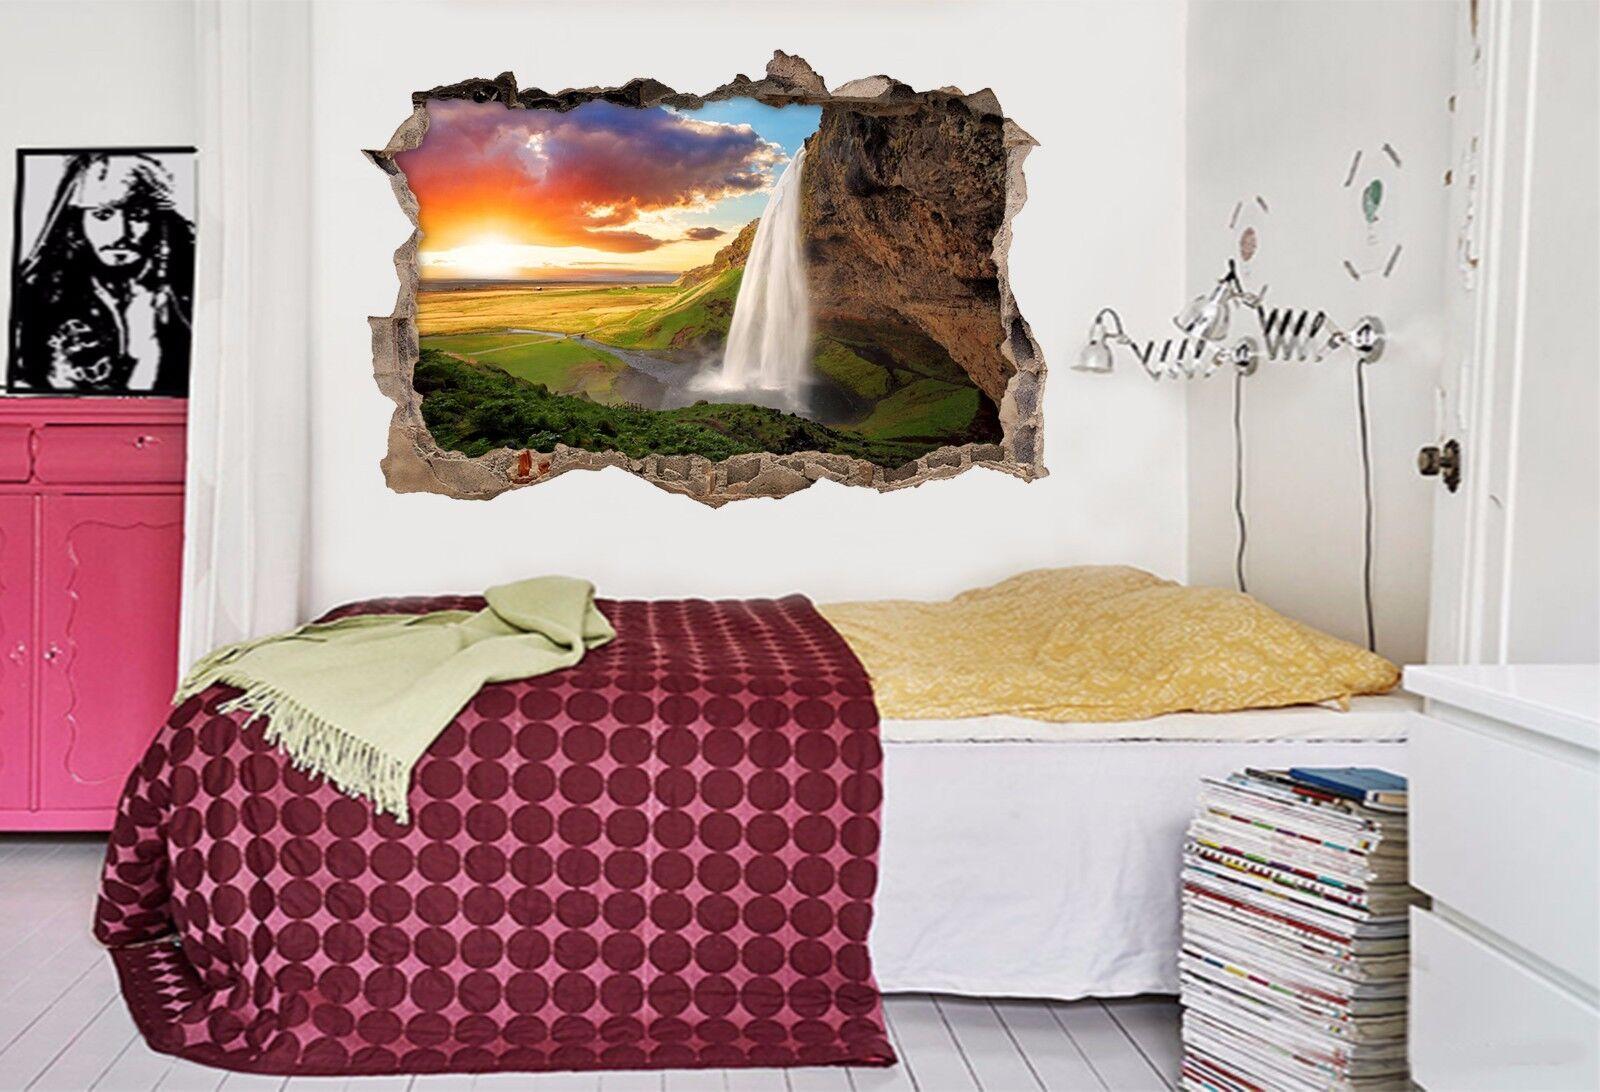 3D Wasserfall 742 Mauer Murals Mauer Aufklebe Decal Durchbruch AJ WALLPAPER DE